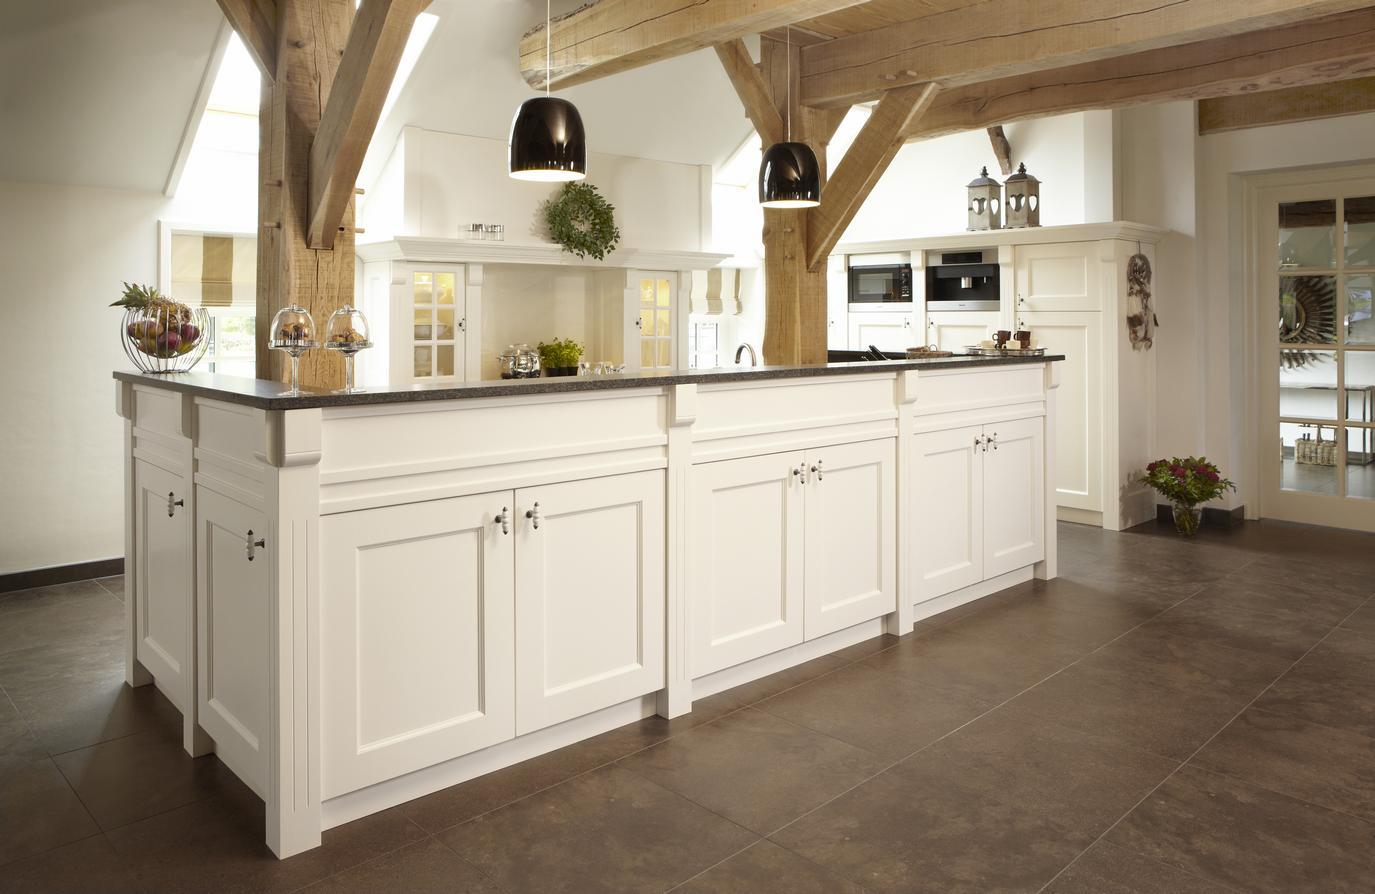 Keuken Ikea Moderne : Keuken op maat ikea. ikea metod bodbyn bregblogtnl with keuken op